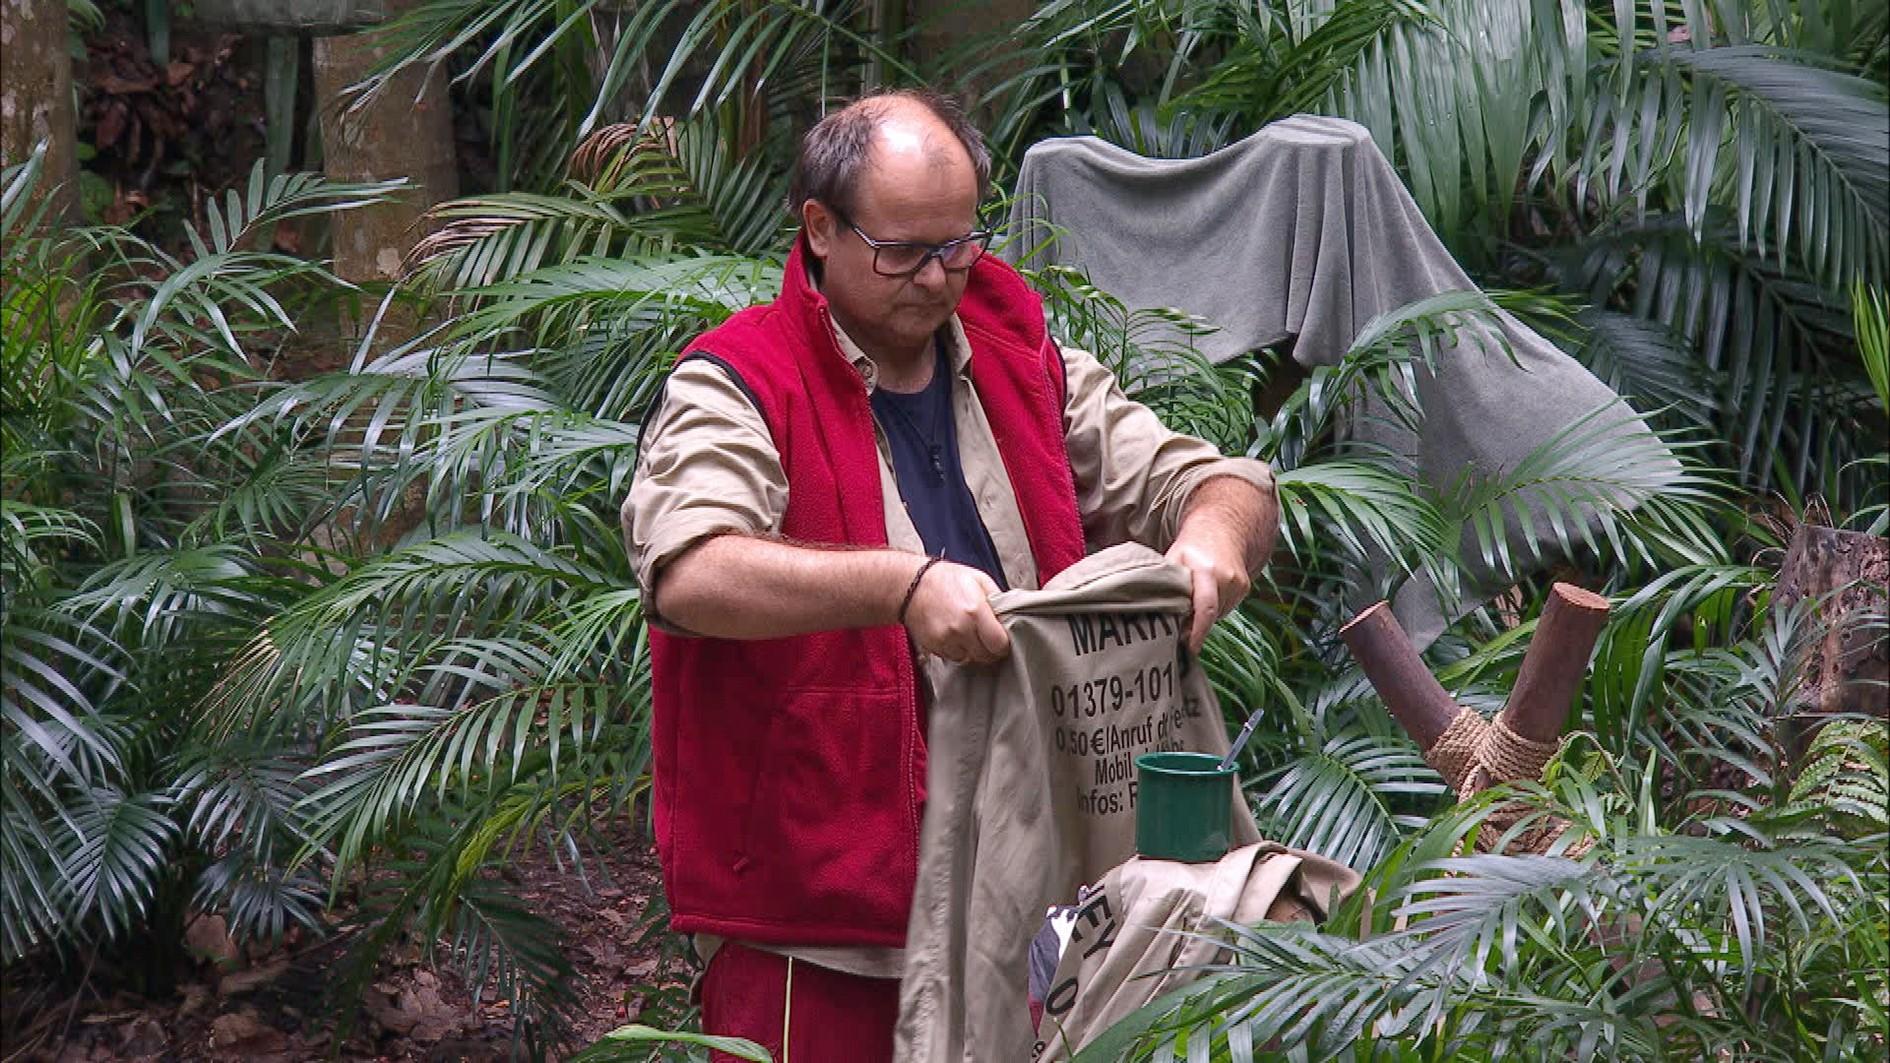 Dschungelcamp 2017 Tag 10 - Markus Majowski muss den Dschungel verlassen